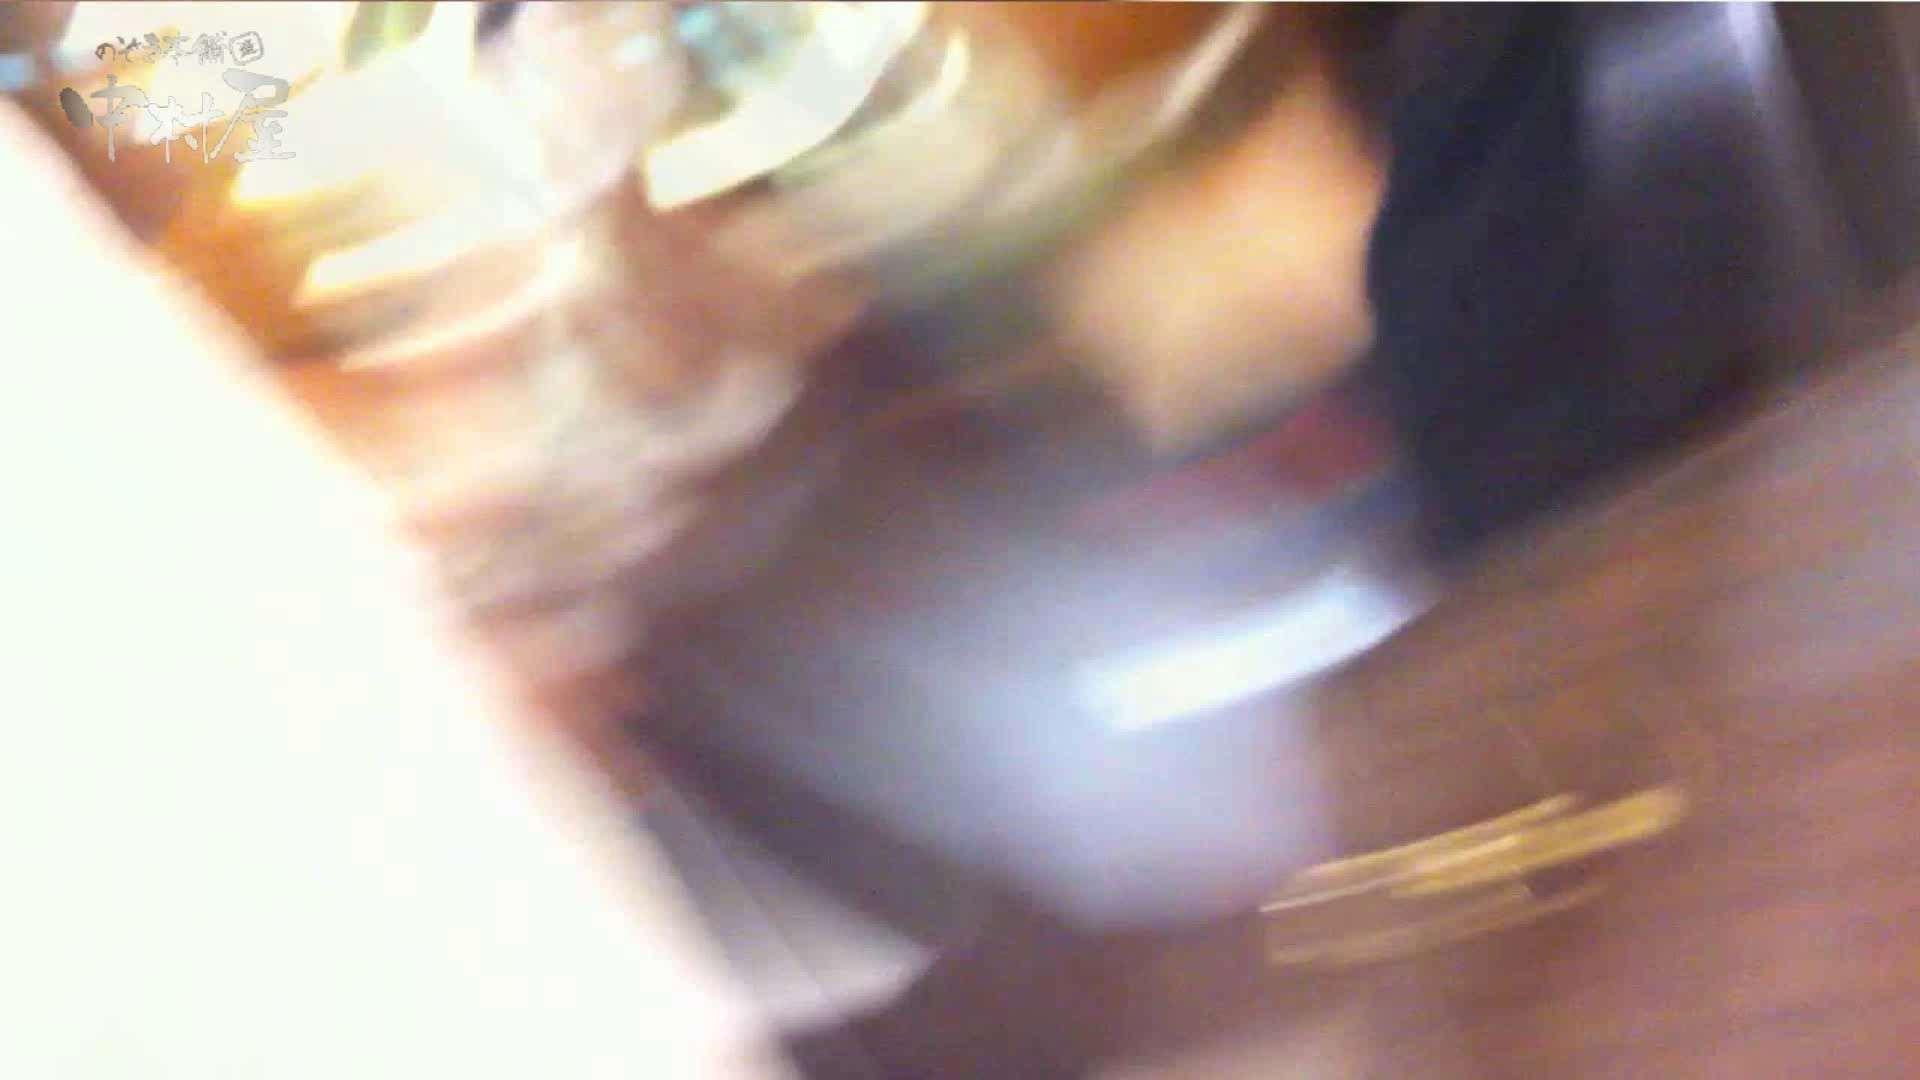 vol.77 美人アパレル胸チラ&パンチラ 緑のワンピにせまってみたw チラ 盗撮エロ画像 104画像 43